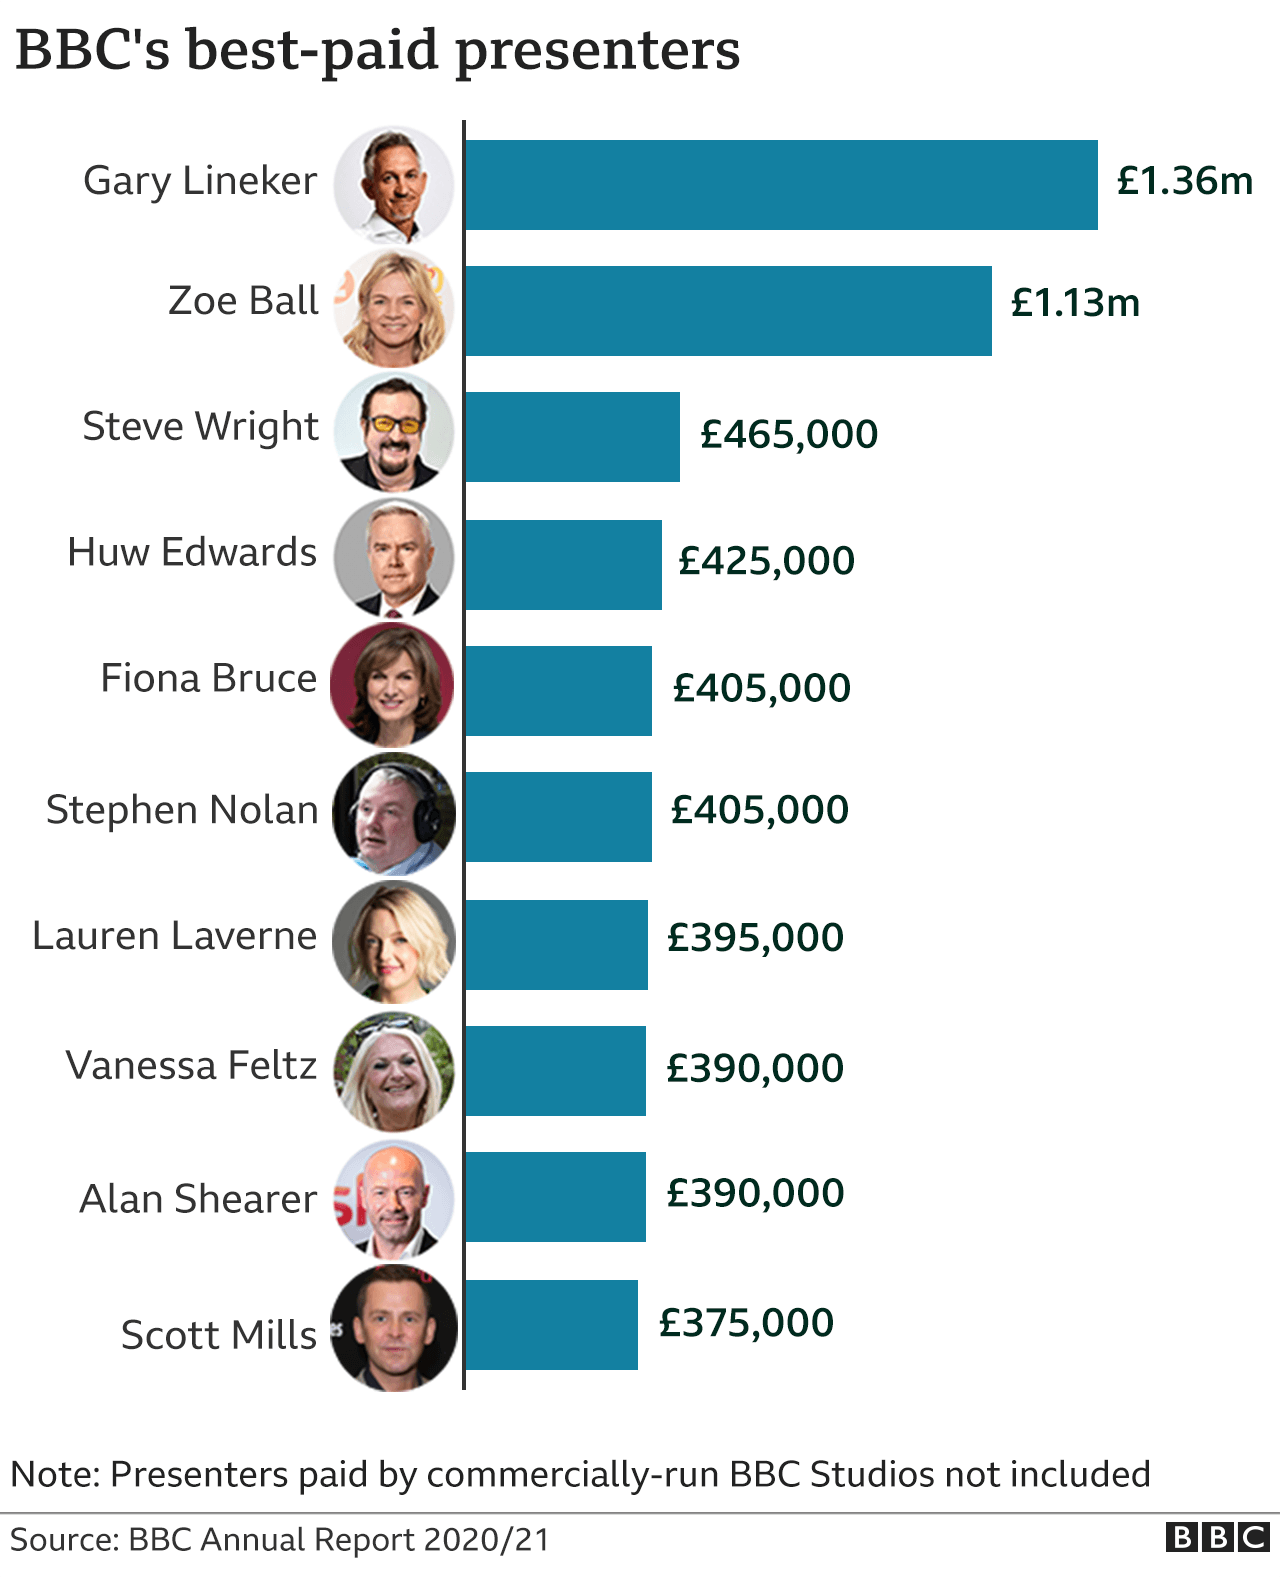 Gráfico que muestra a los presentadores mejor pagados de la BBC